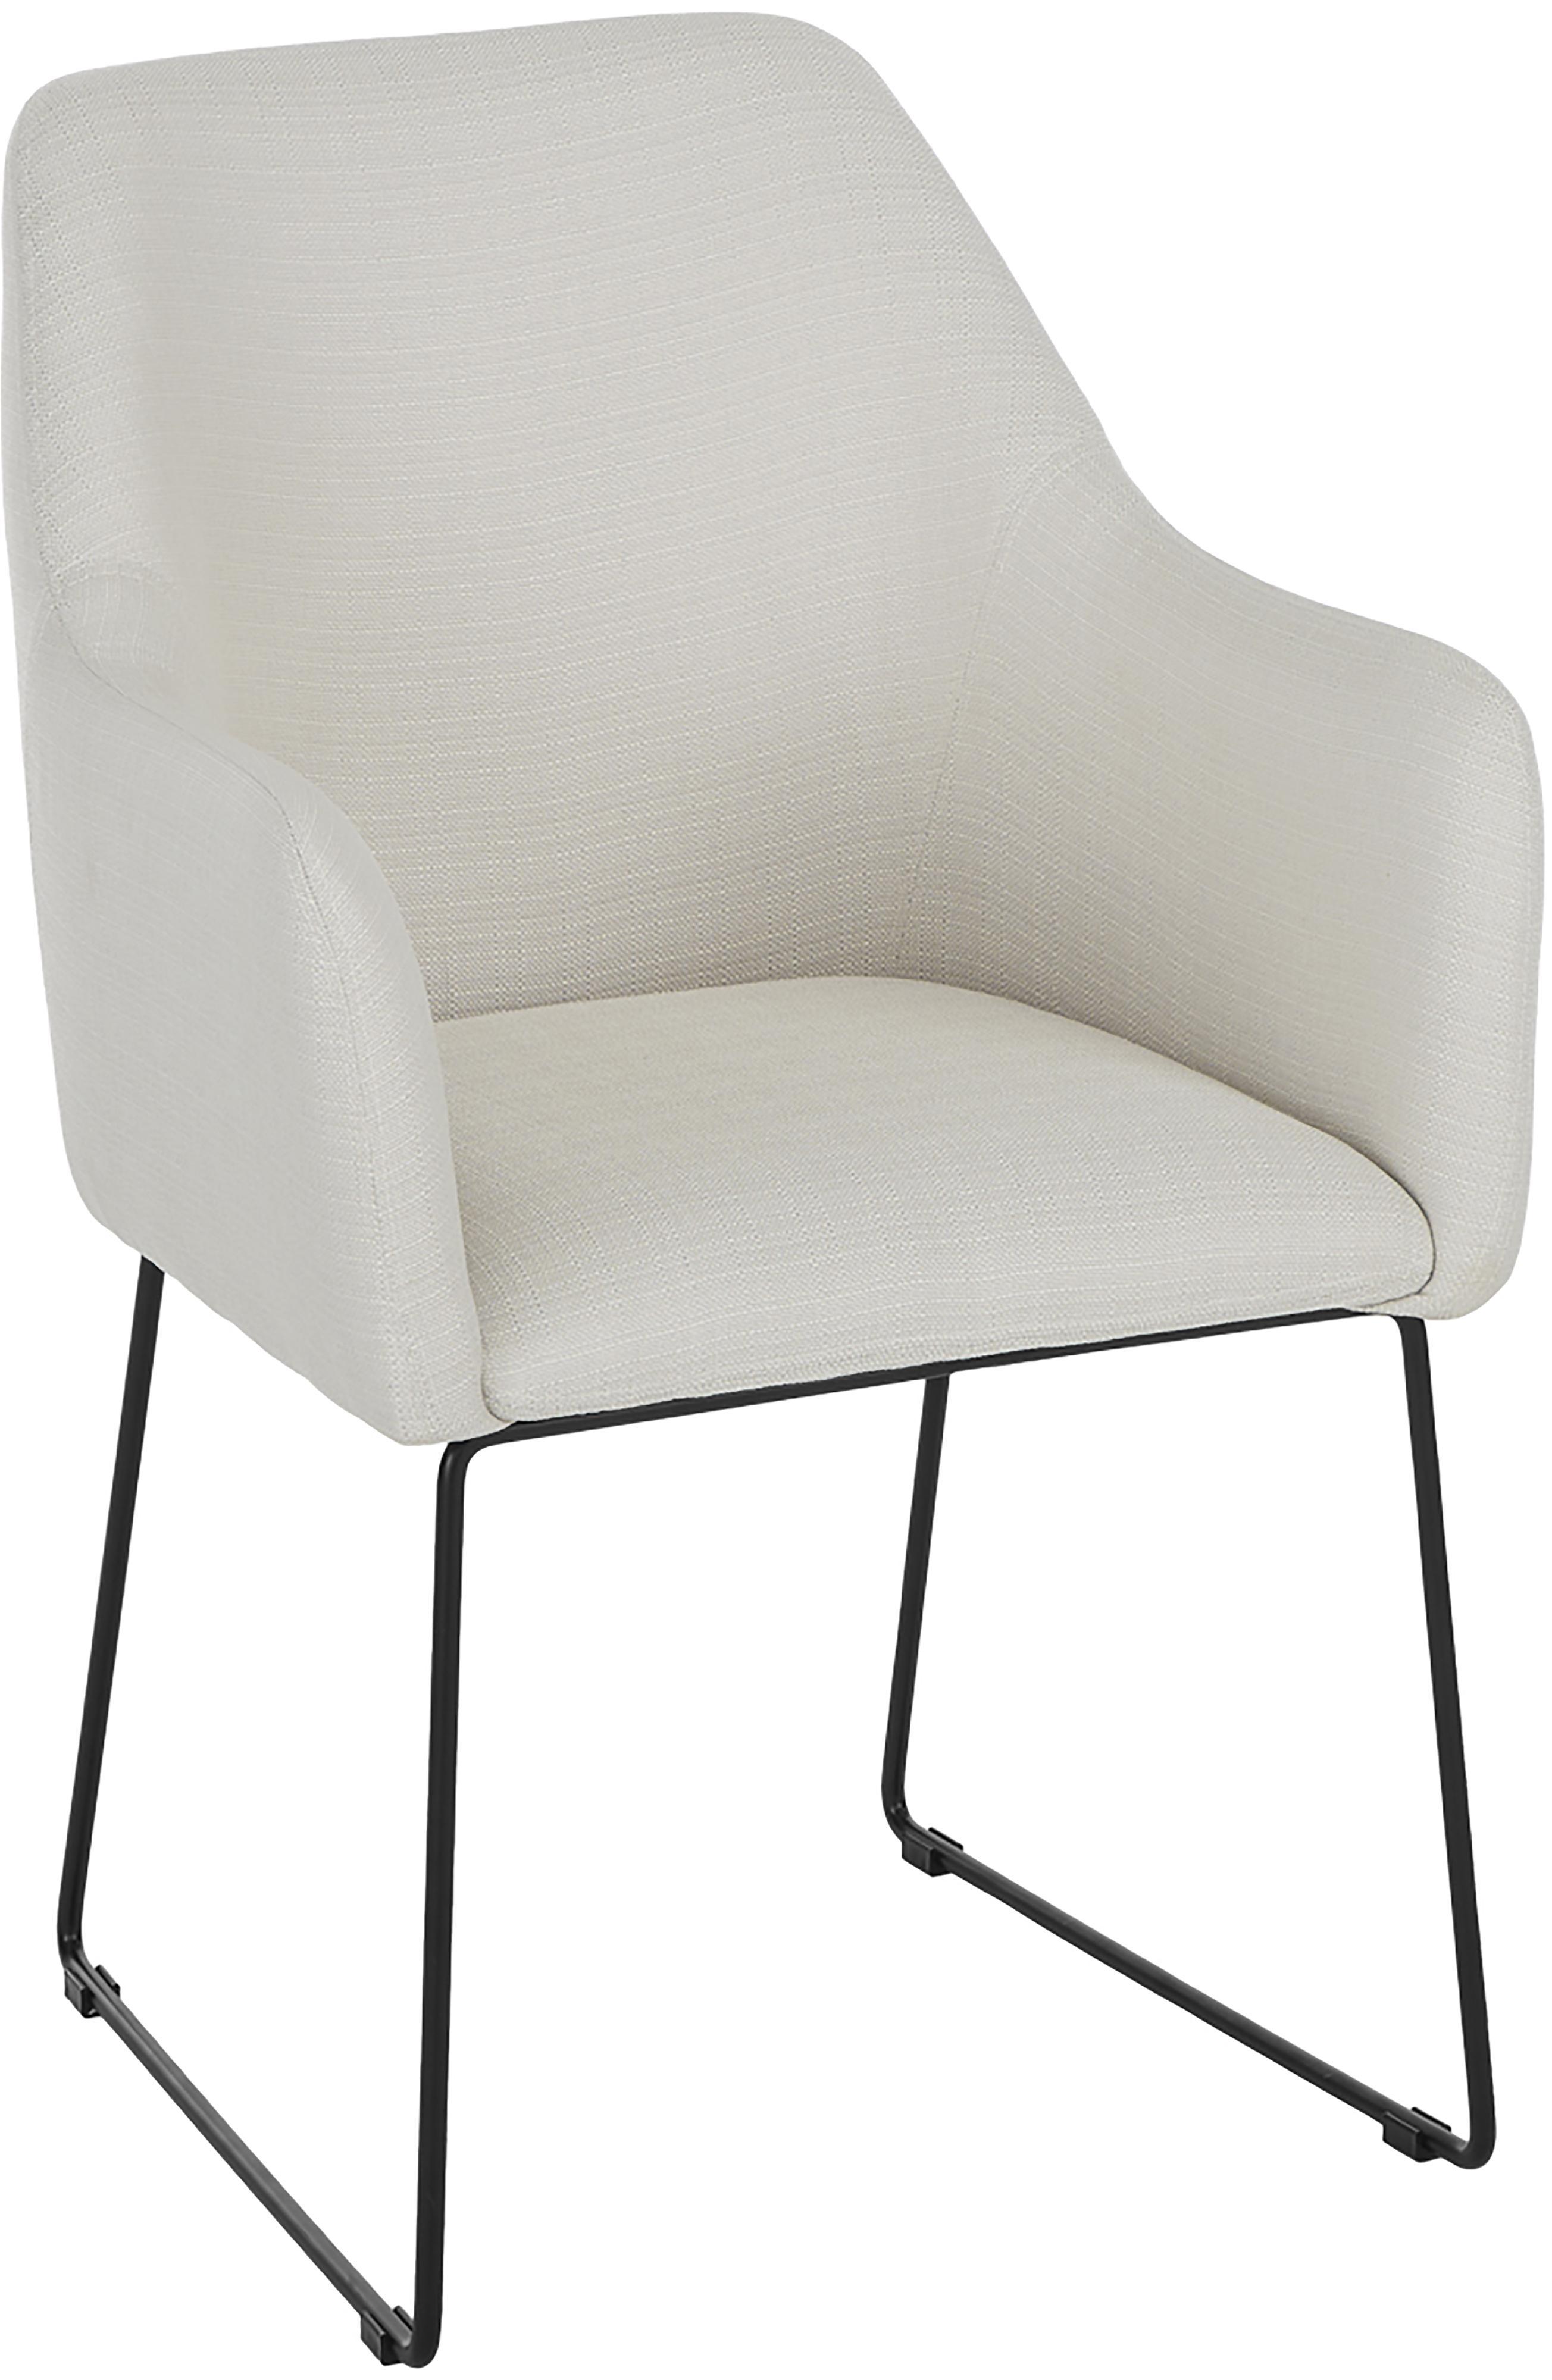 Sedia in velluto con braccioli Isla, Rivestimento: poliestere 50.000 cicli d, Gambe: metallo verniciato a polv, Tessuto bianco crema, gambe nere, Larg. 58 x Prof. 62 cm